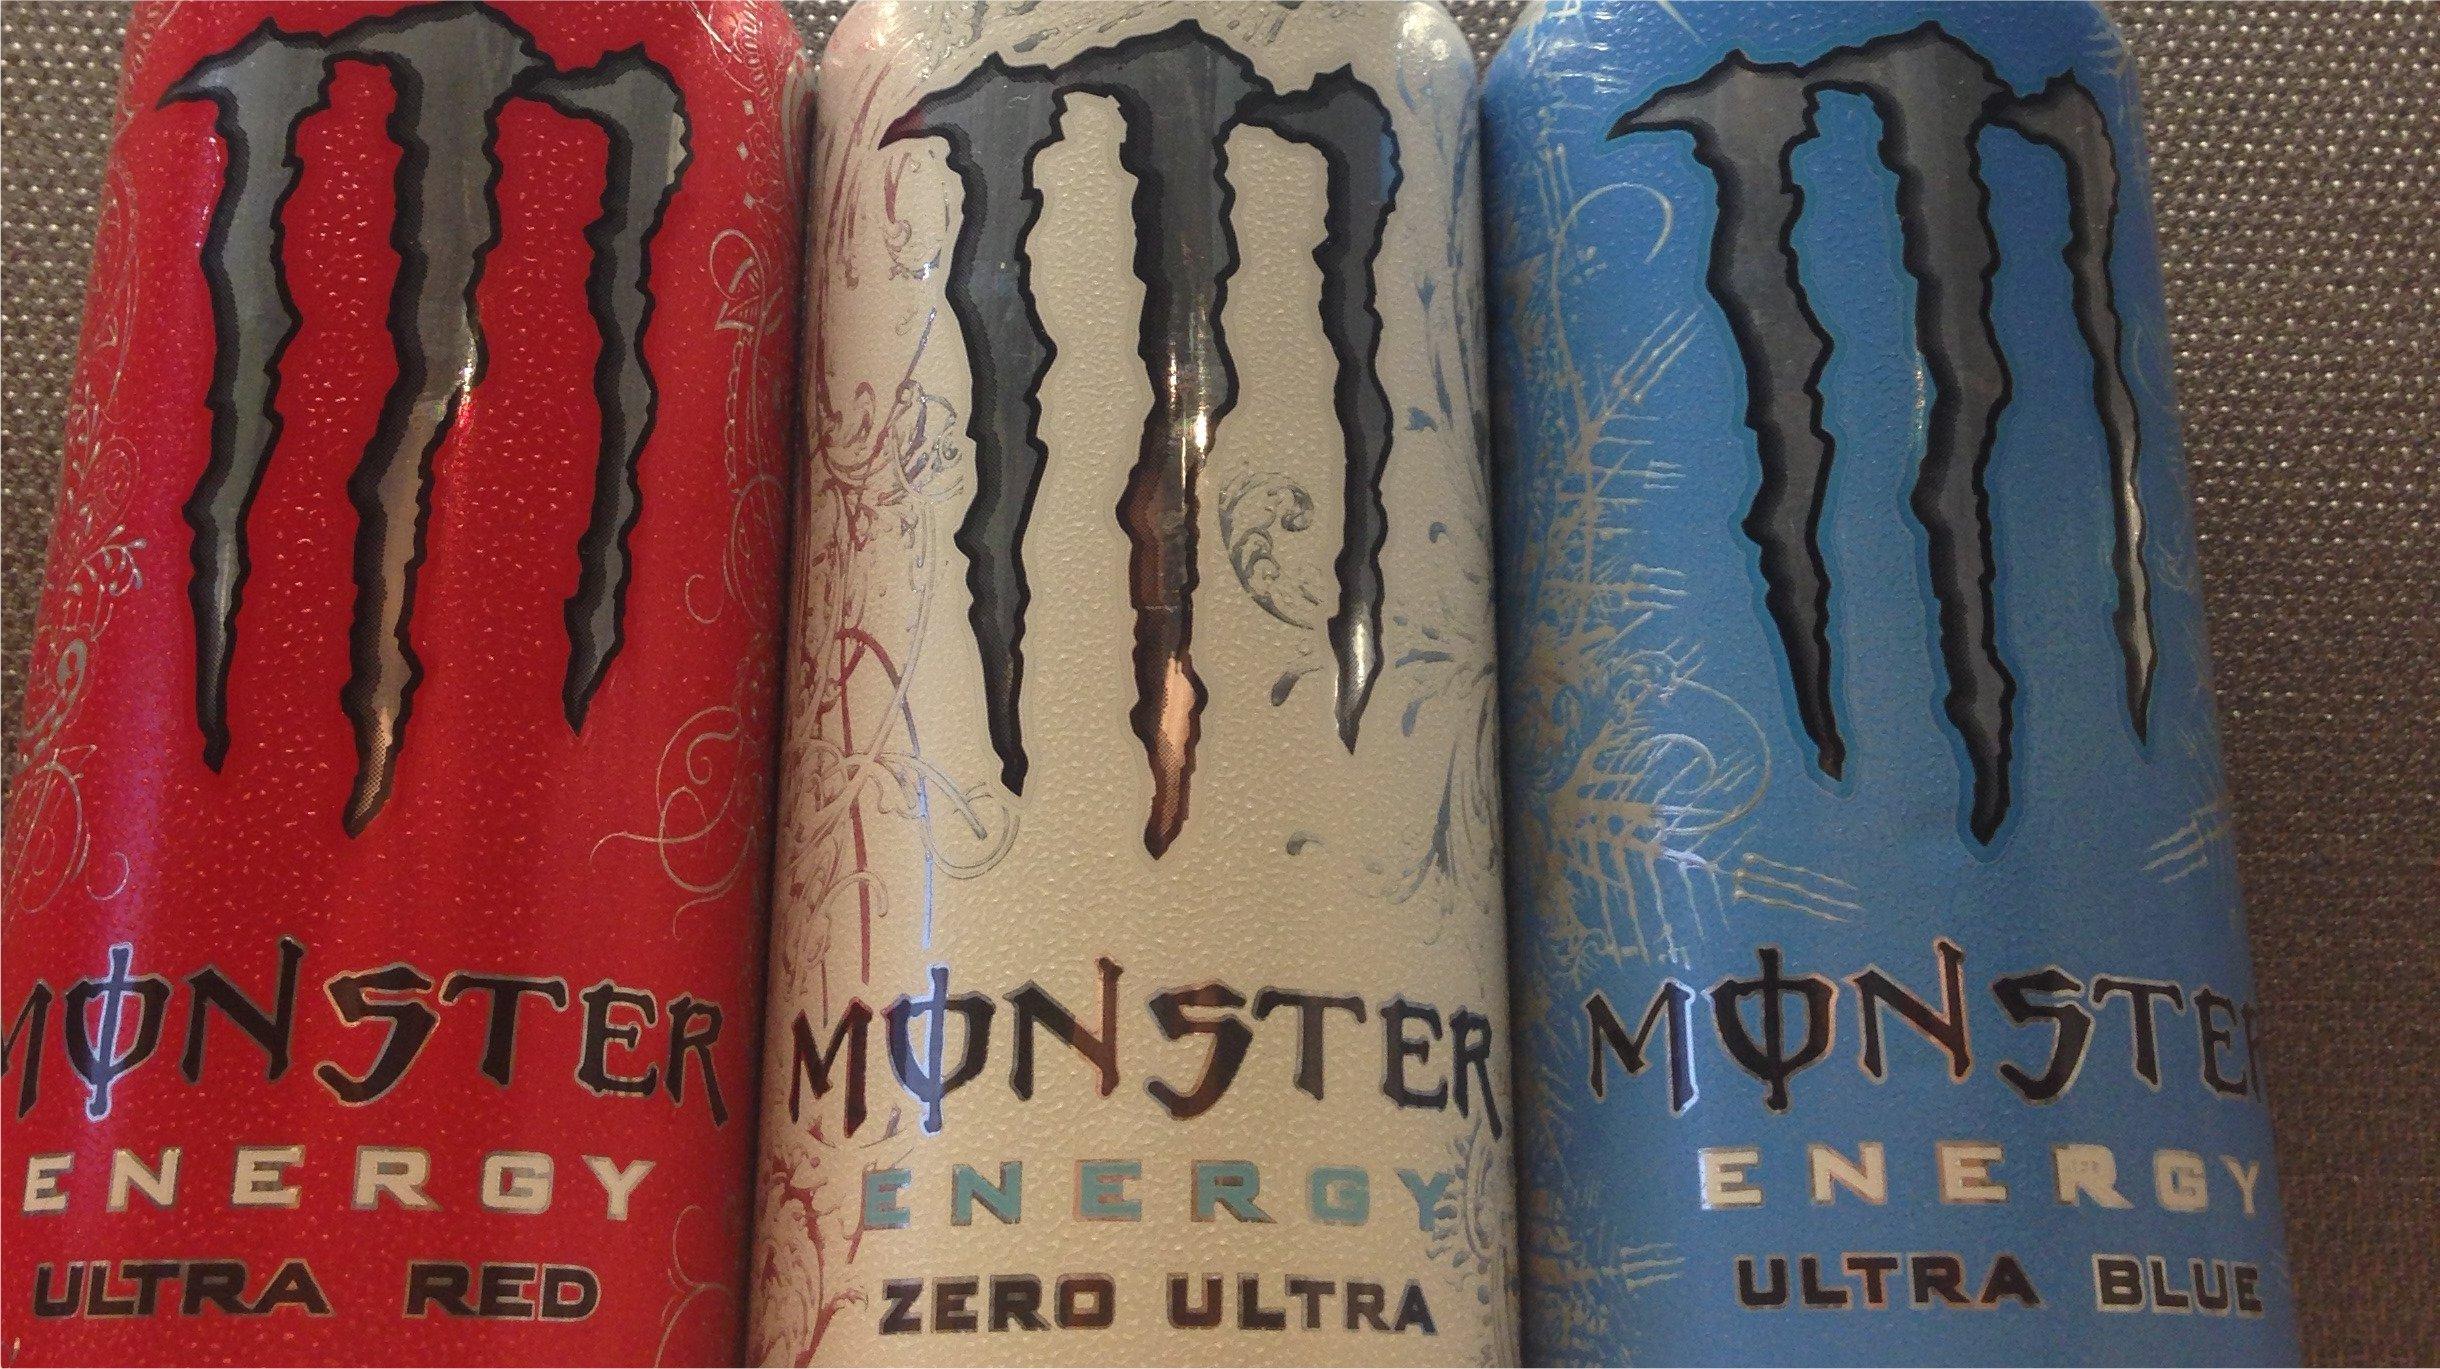 Monster's flagship energy drinks.